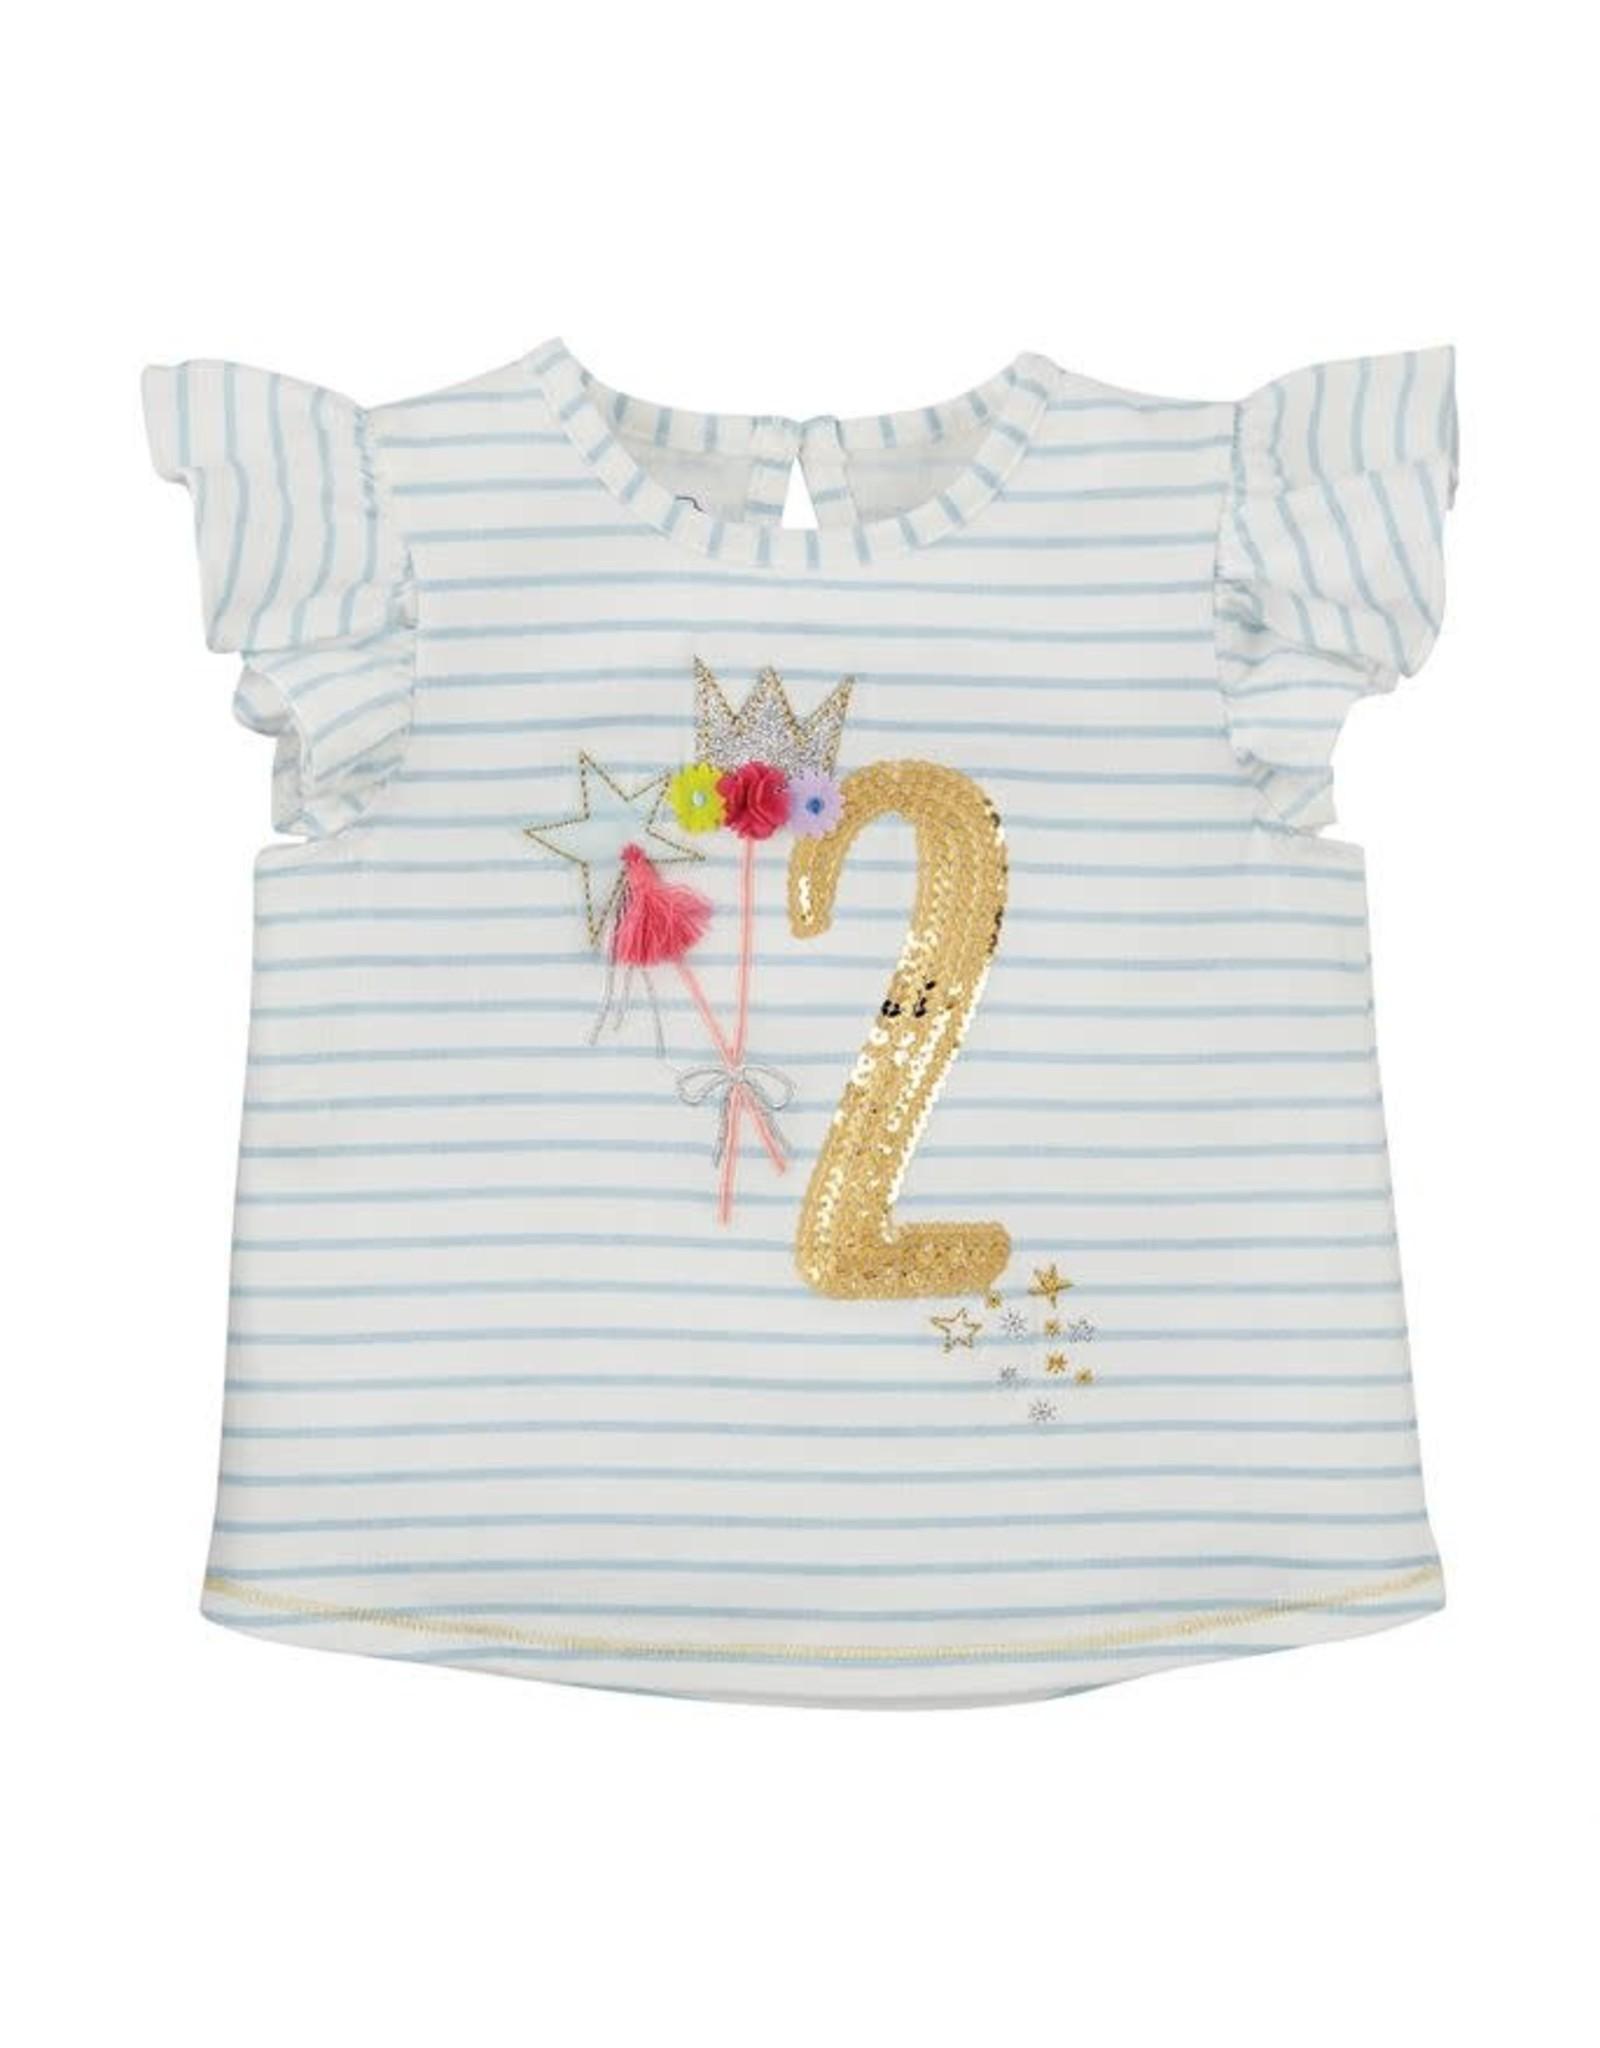 Mud Pie Two Birthday Shirt 24m 2t Freckles Children S Boutique